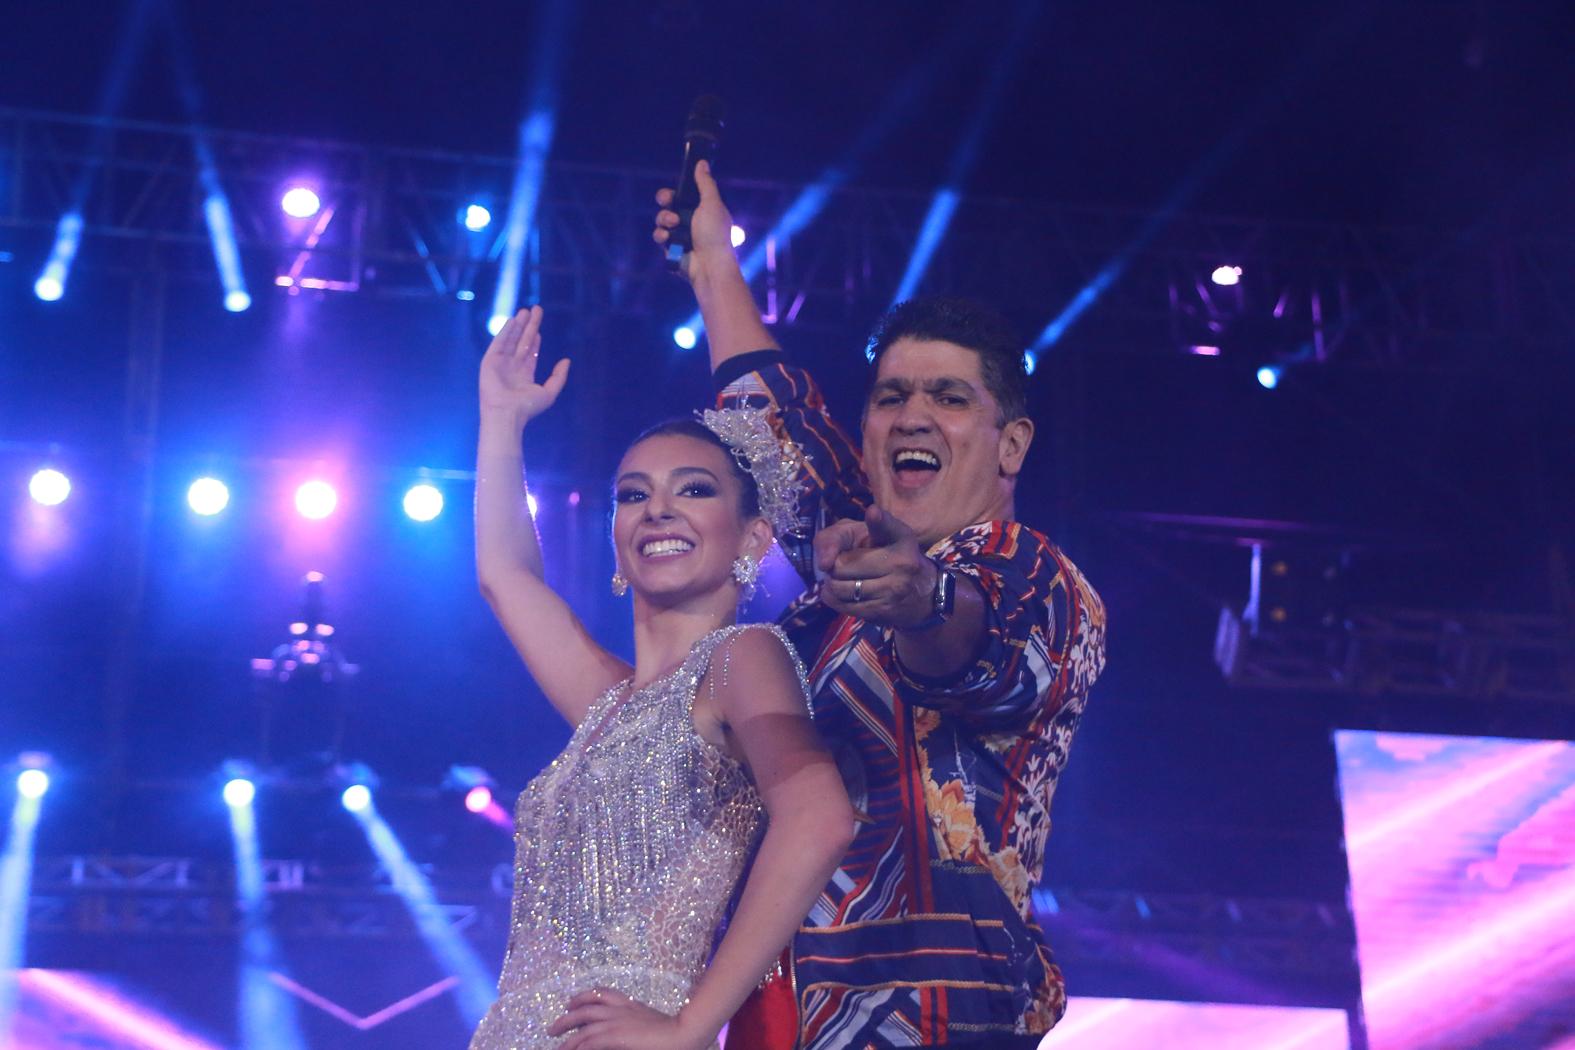 Los grandes del vallenato y el merengue vuelven al Festival de Orquestas